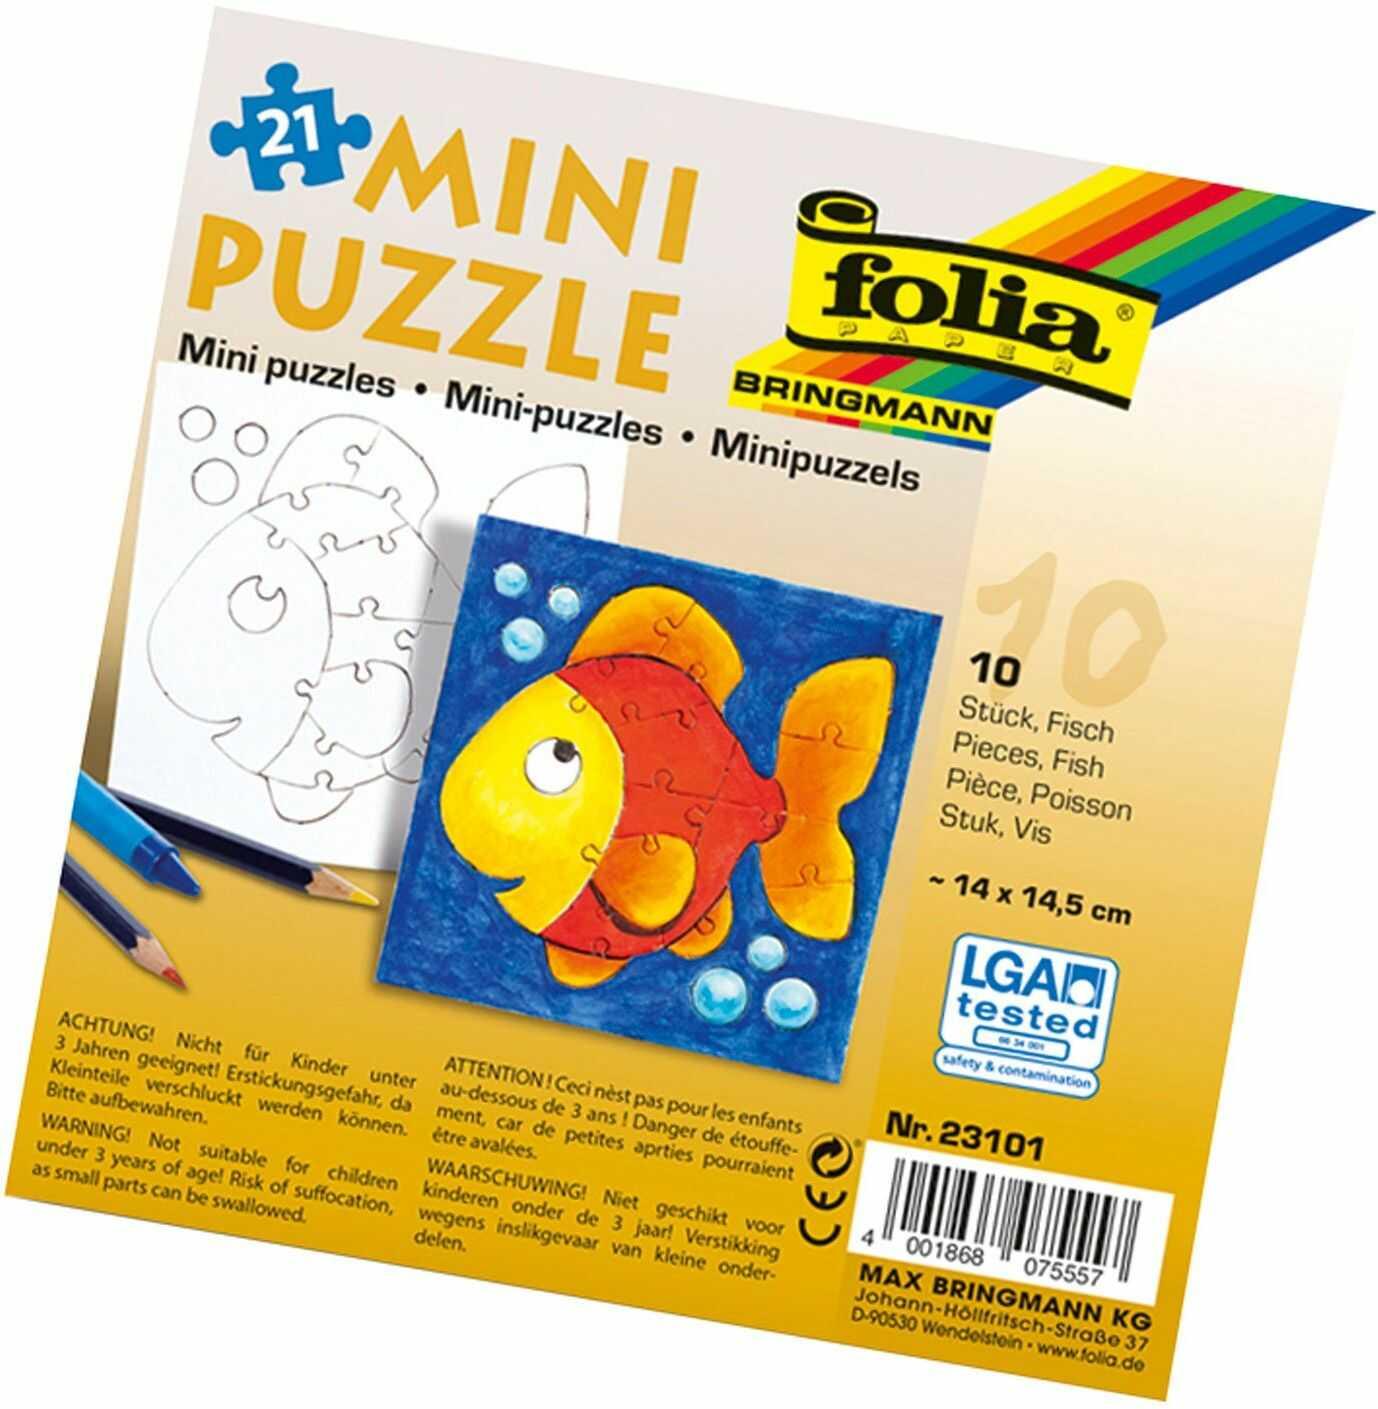 folia 23101 - mini puzzle ryba, ok. 14 x 14,5 cm, 21 części, 10 sztuk, białe - dopiero potem malowanie, dla dzieci, chłopców i dziewczynek